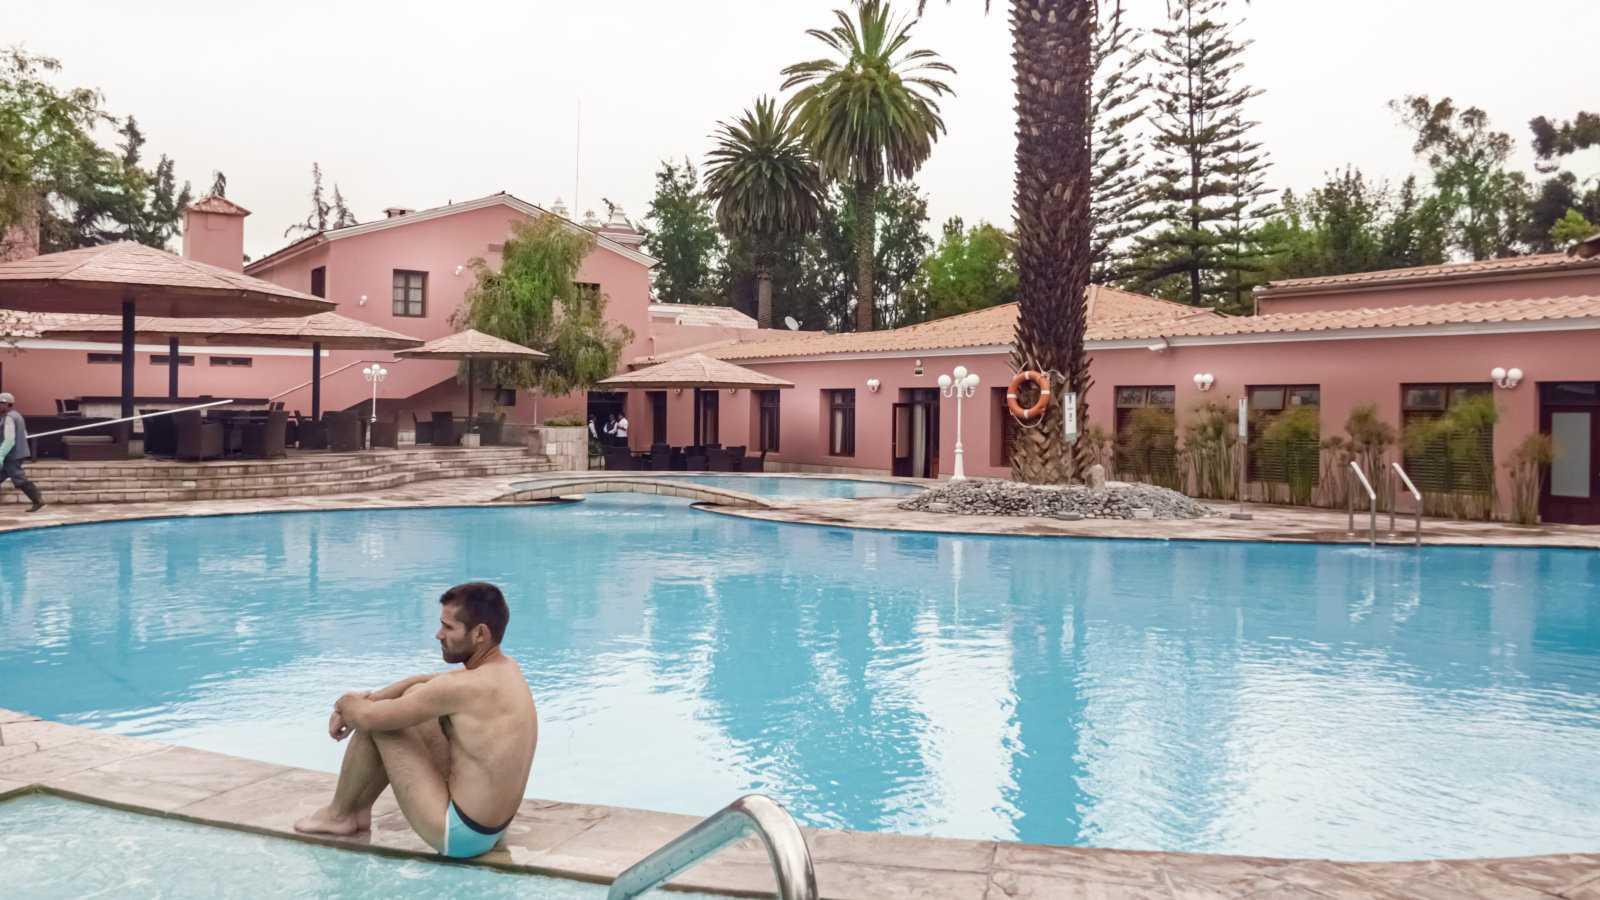 Wyndham Costa del Sol Arequipa é um hotel luxuoso e gay friendly em Arequipa que nos deixou muito mimados!